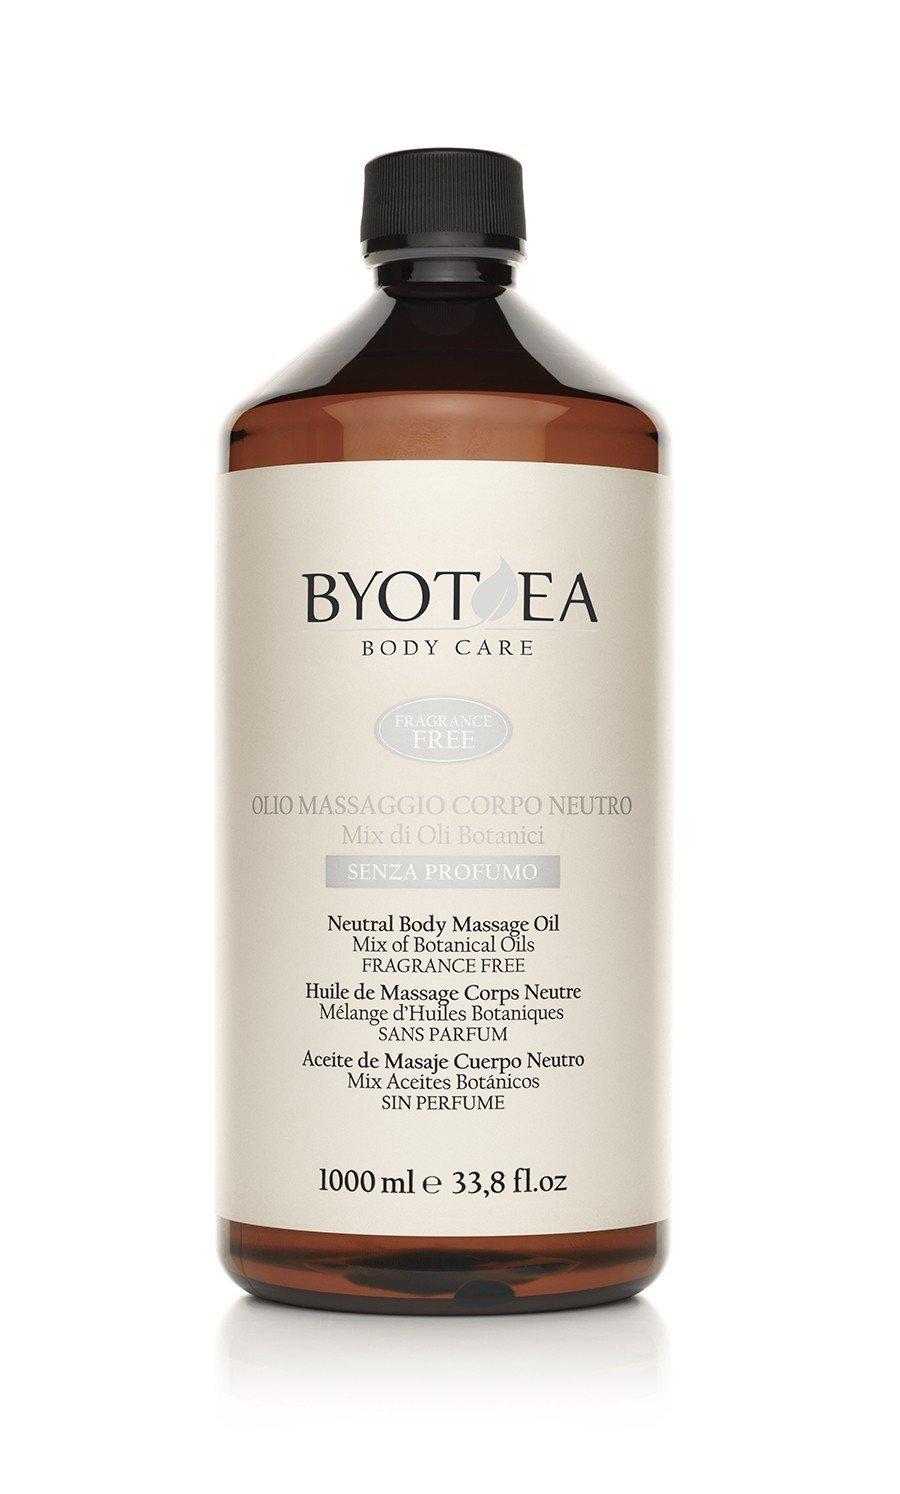 Byothea Olio Massaggio Corpo Neutro senza Profumo, 1000 ml 8054377032081